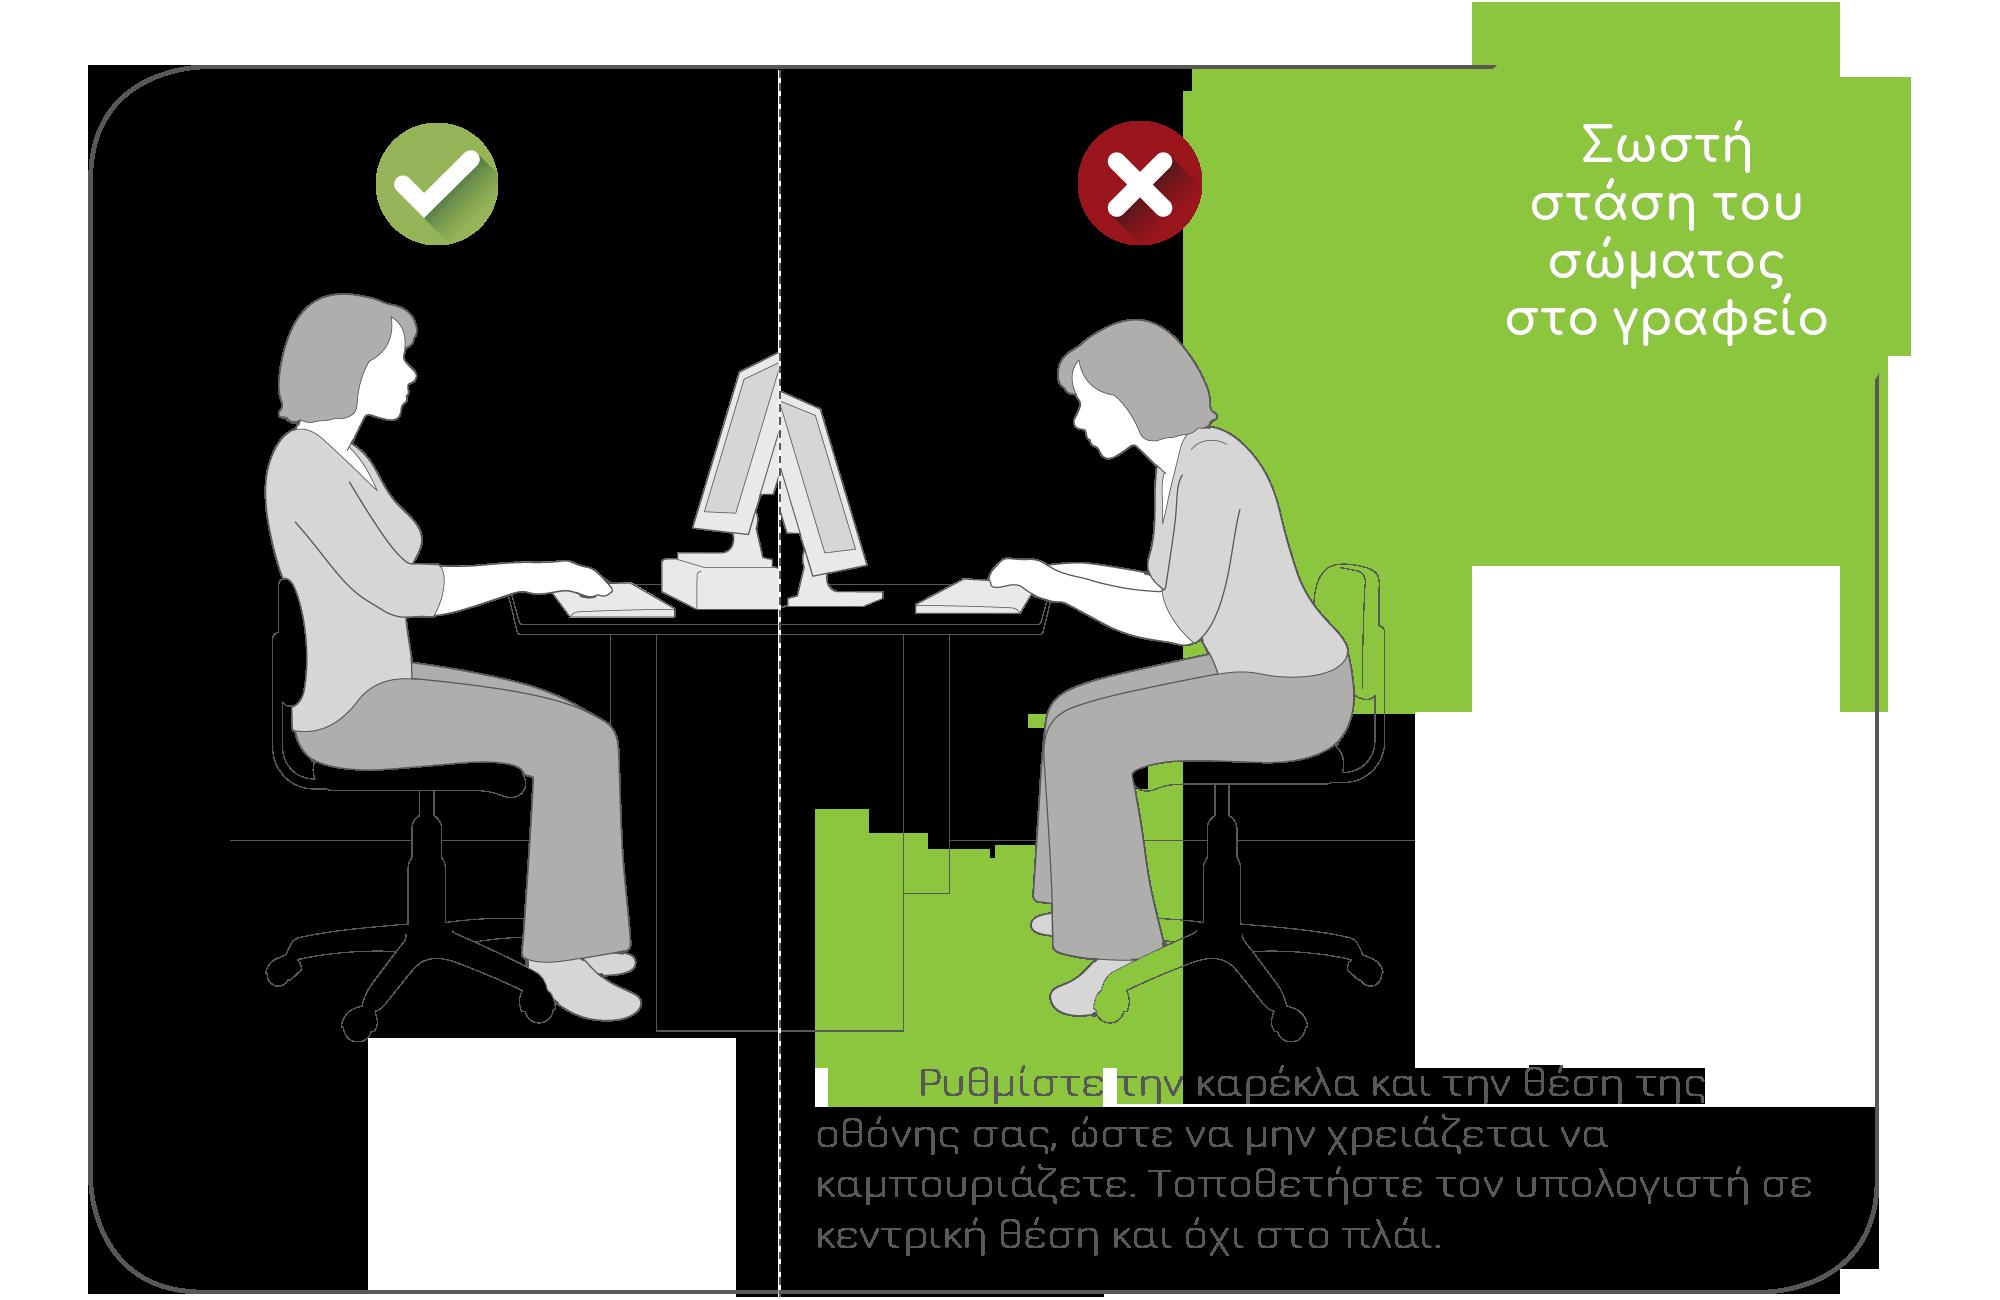 Σωστή στάση του σώματος στο γραφείο